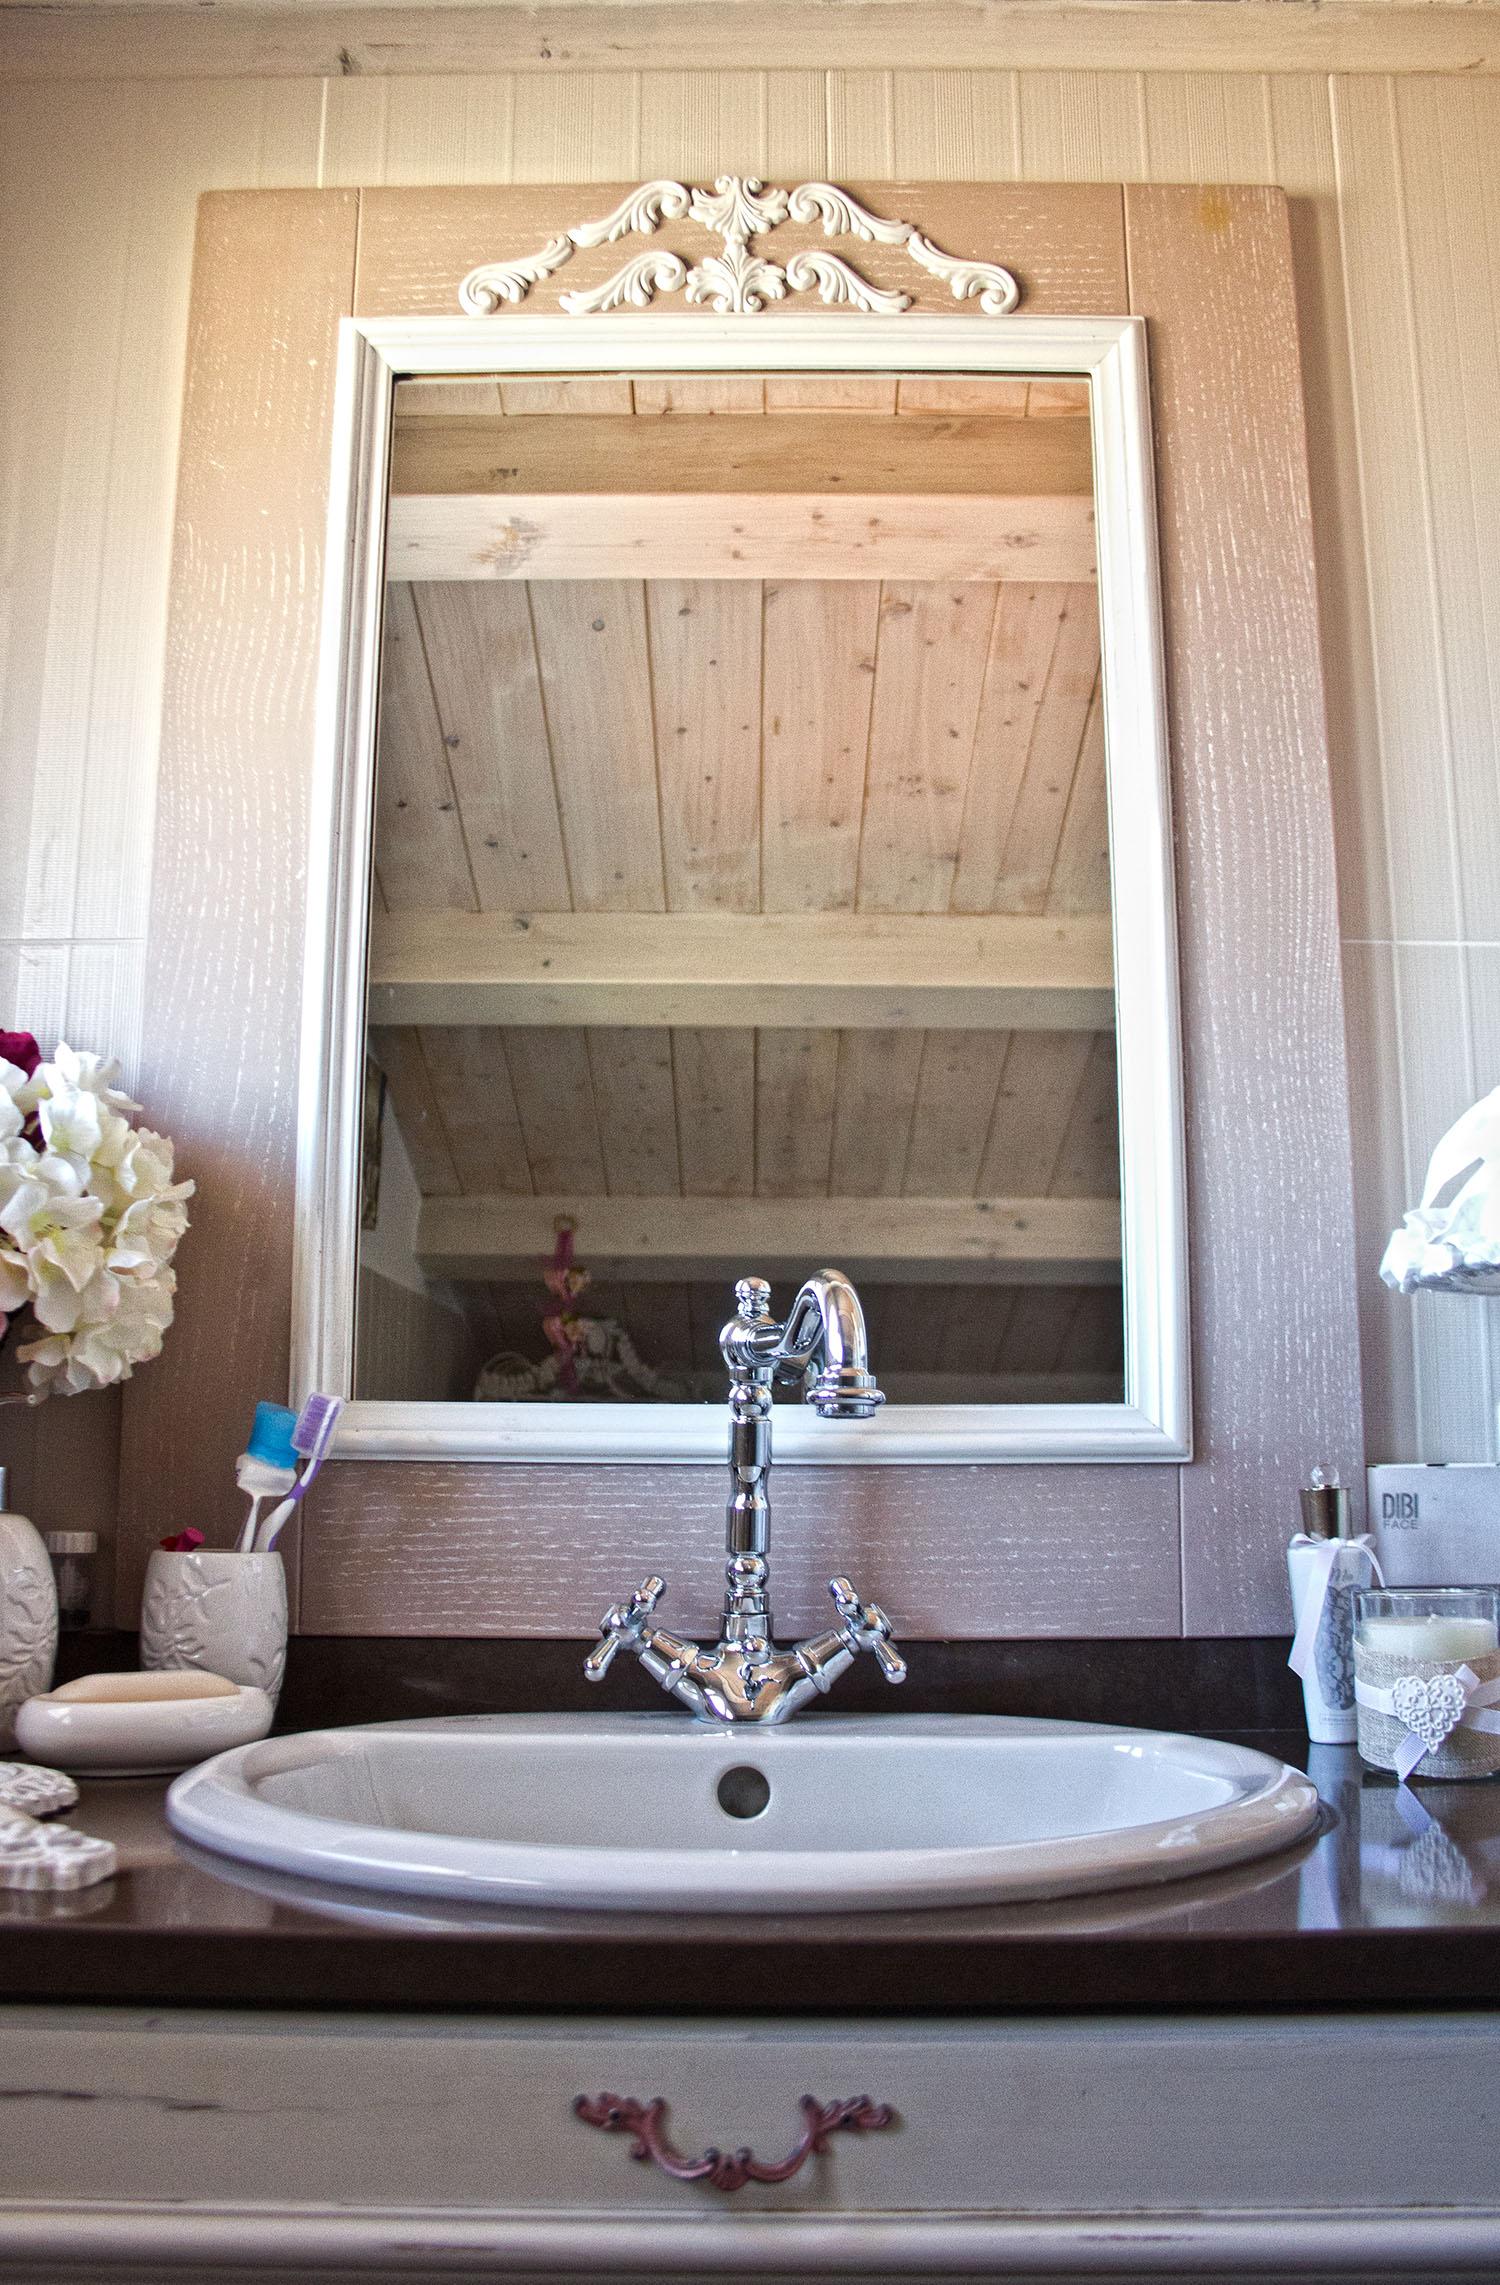 arredo bagno roma falegnameria su misura (3)